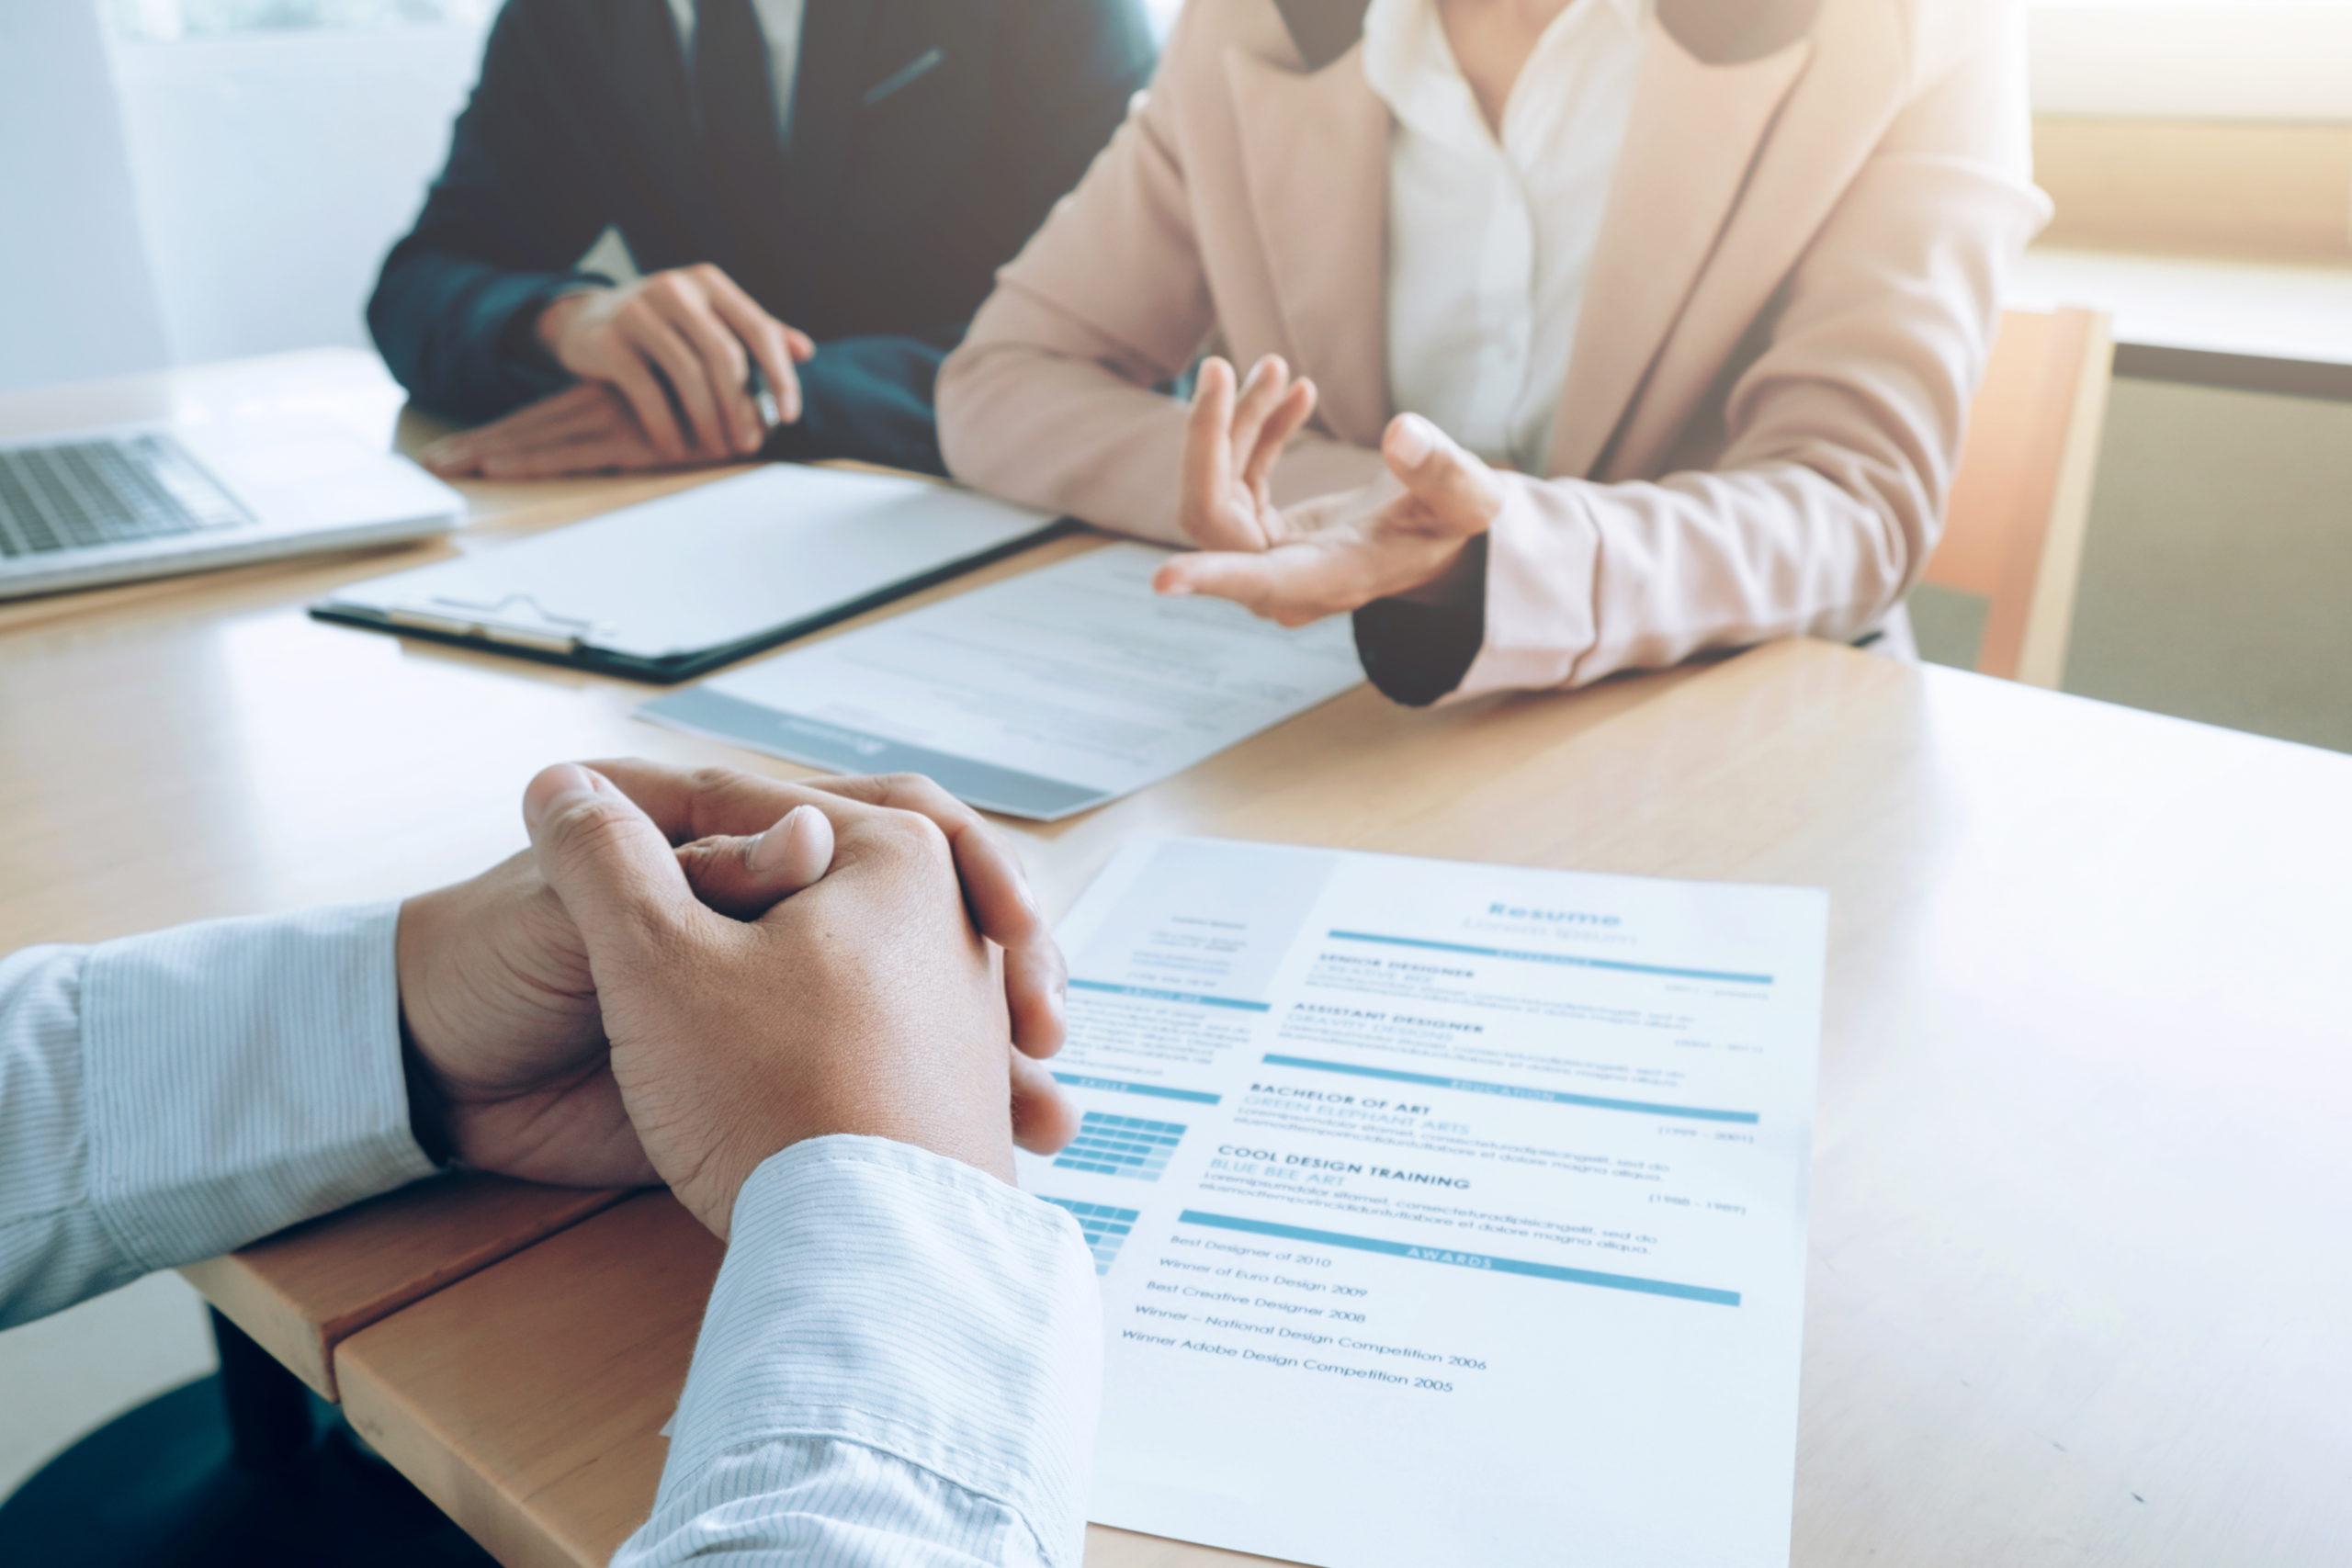 4 dicas para preparar reuniões mais eficazes